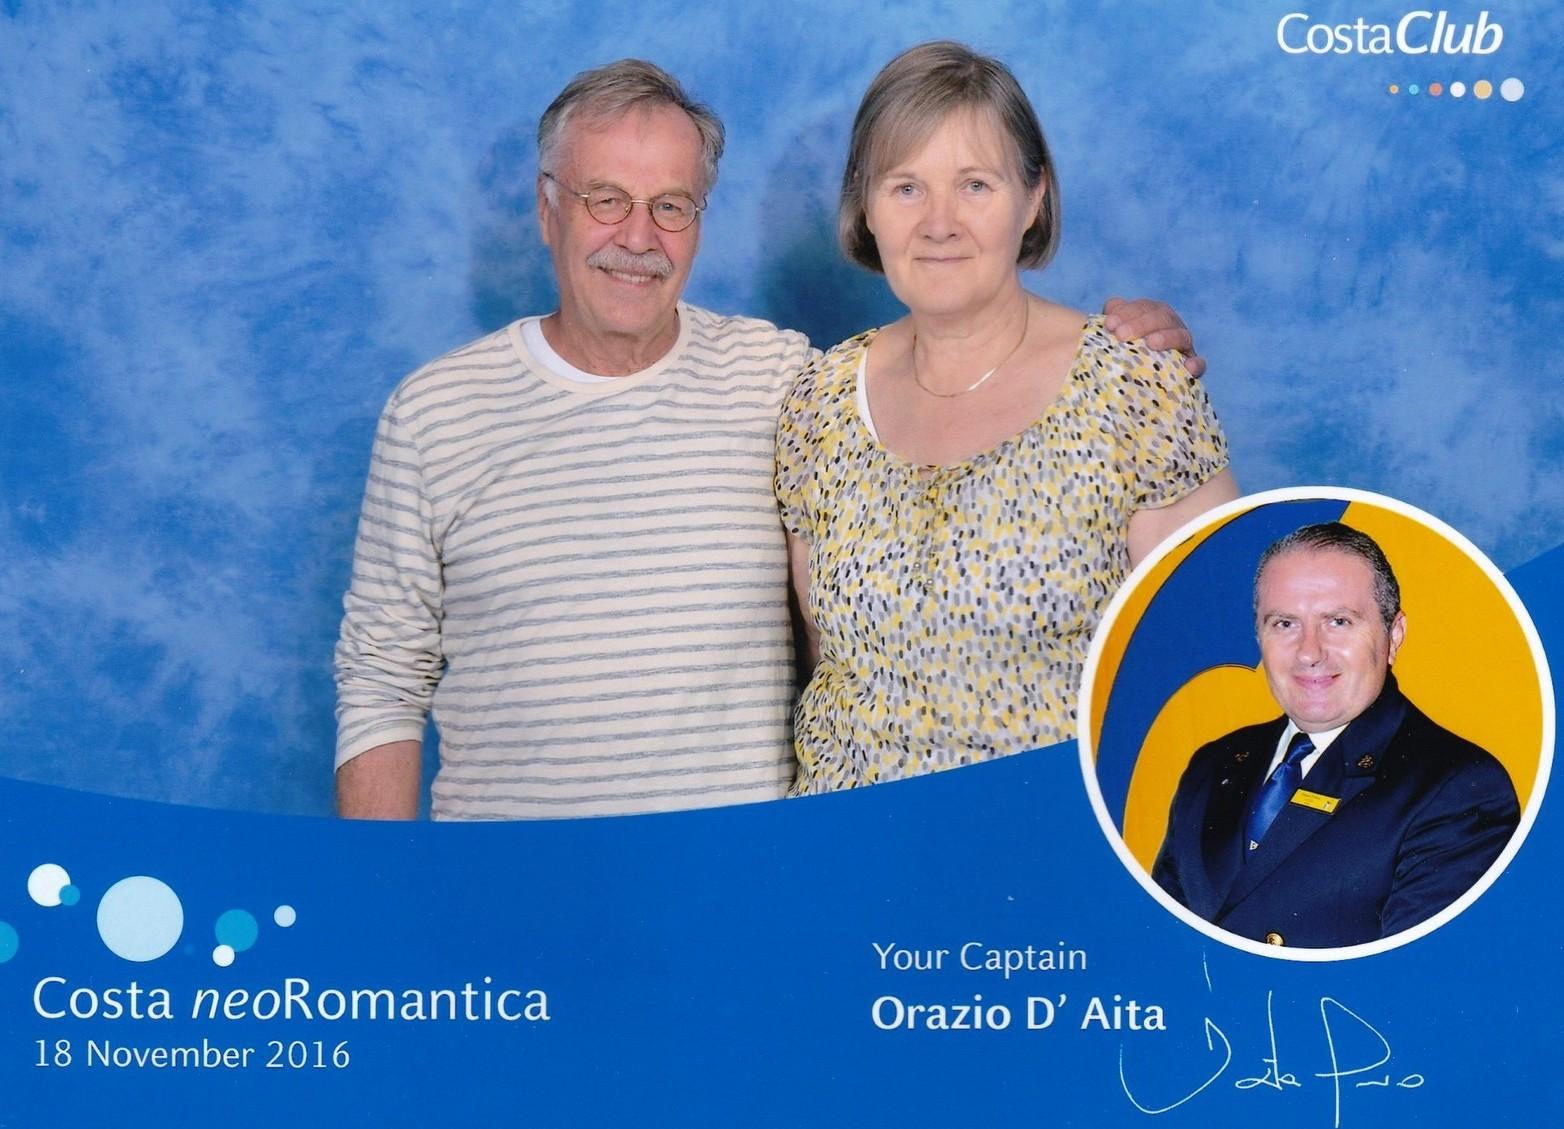 Costa neoRomantica captain